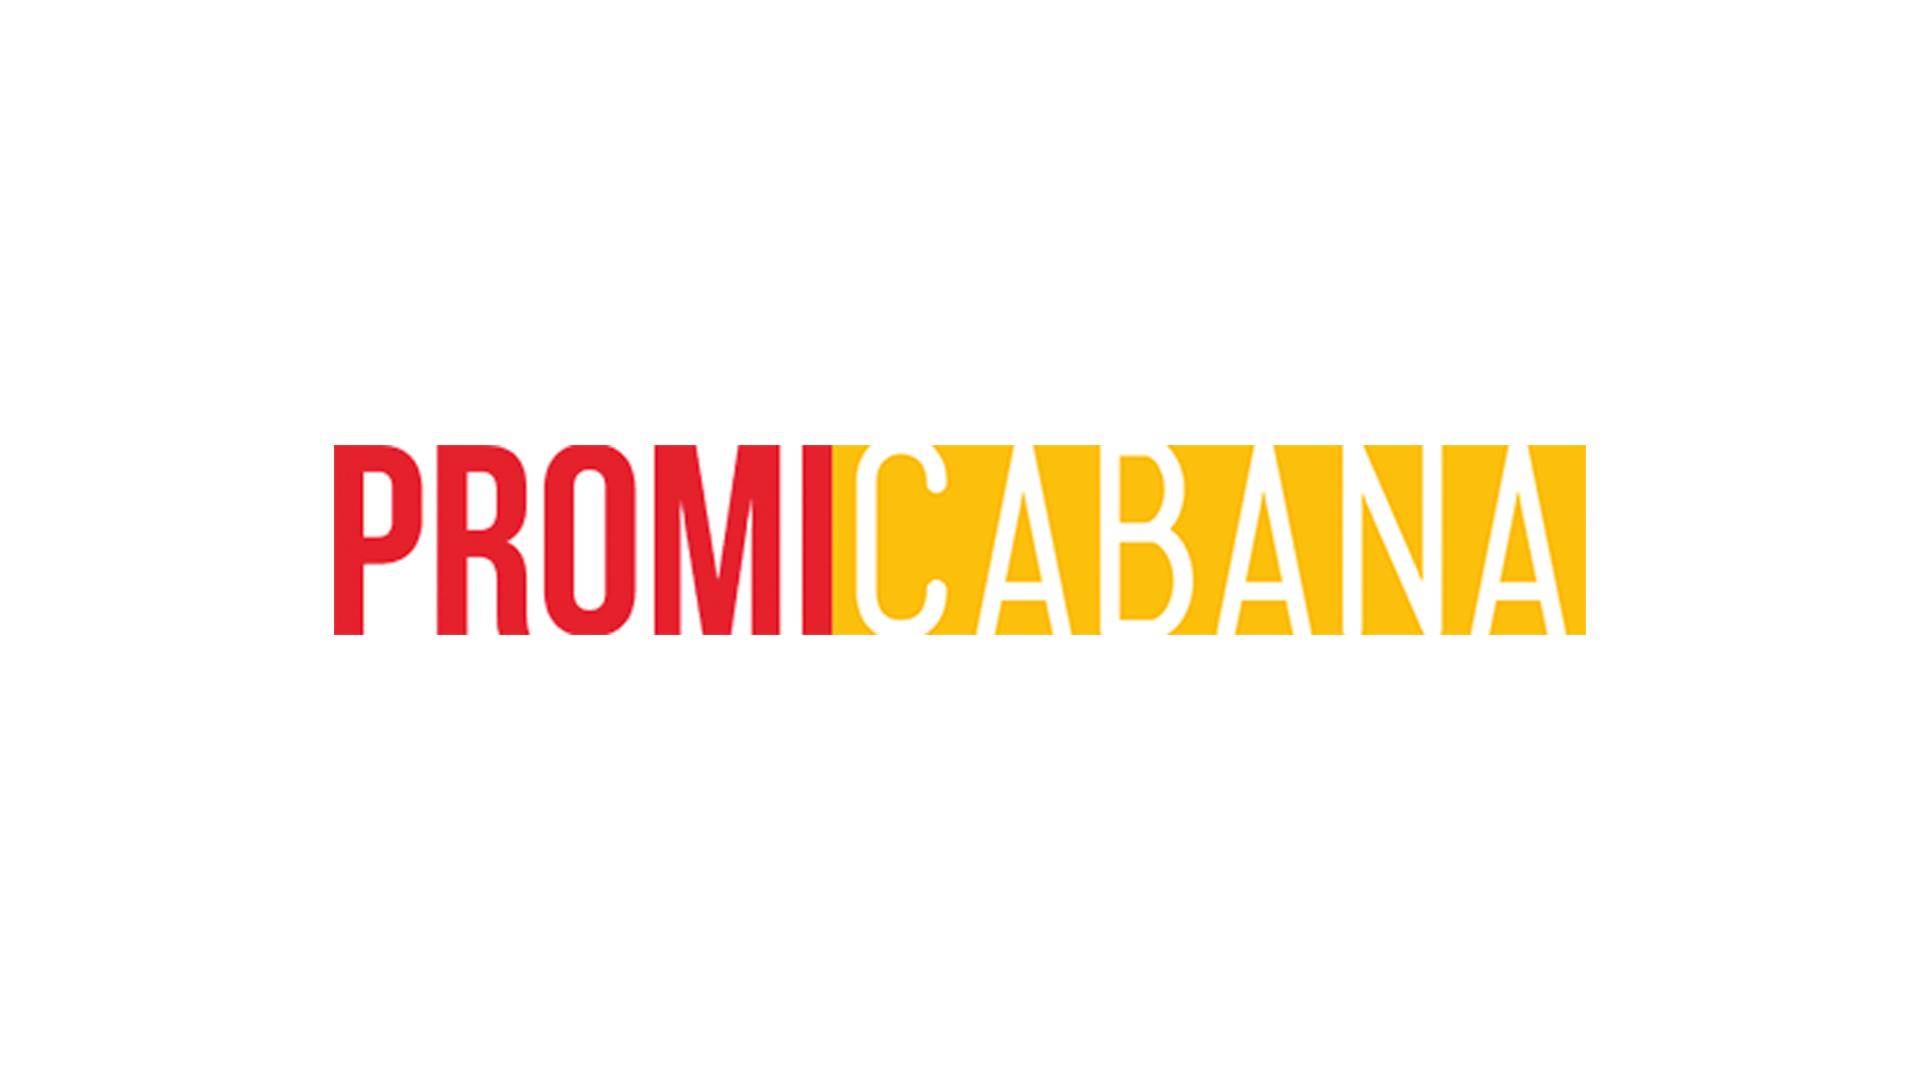 Help-Haiti-Home-Miley-Cyrus-Sean-Penn-Edward-Norton